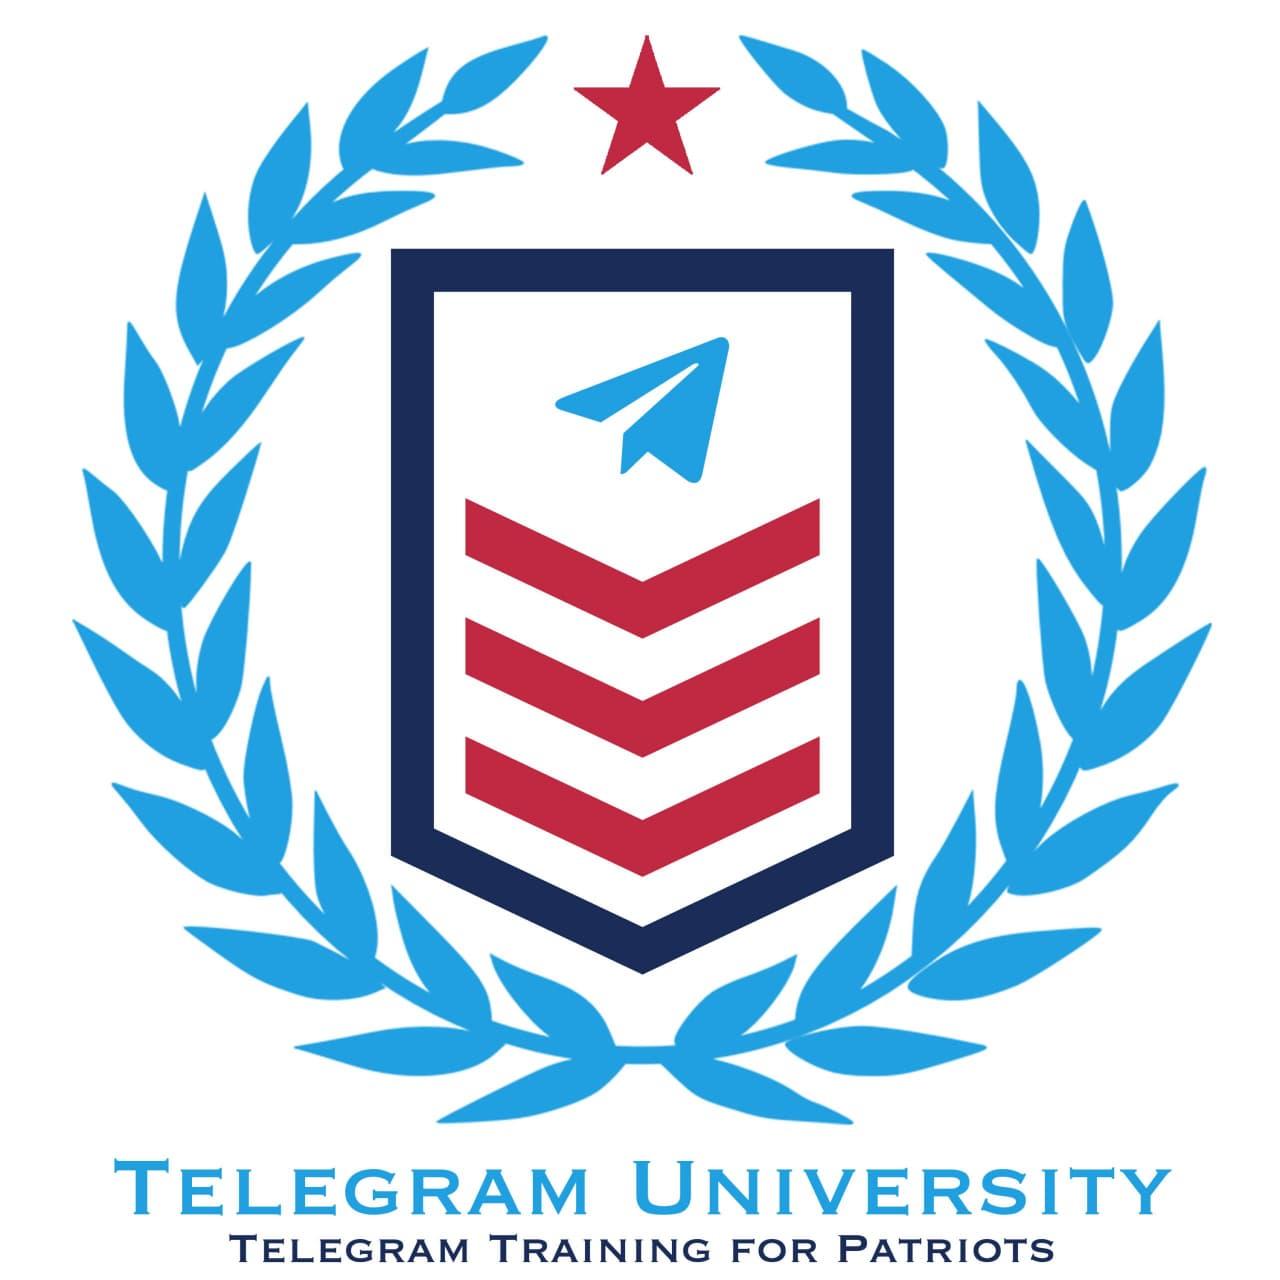 Telegram Training University